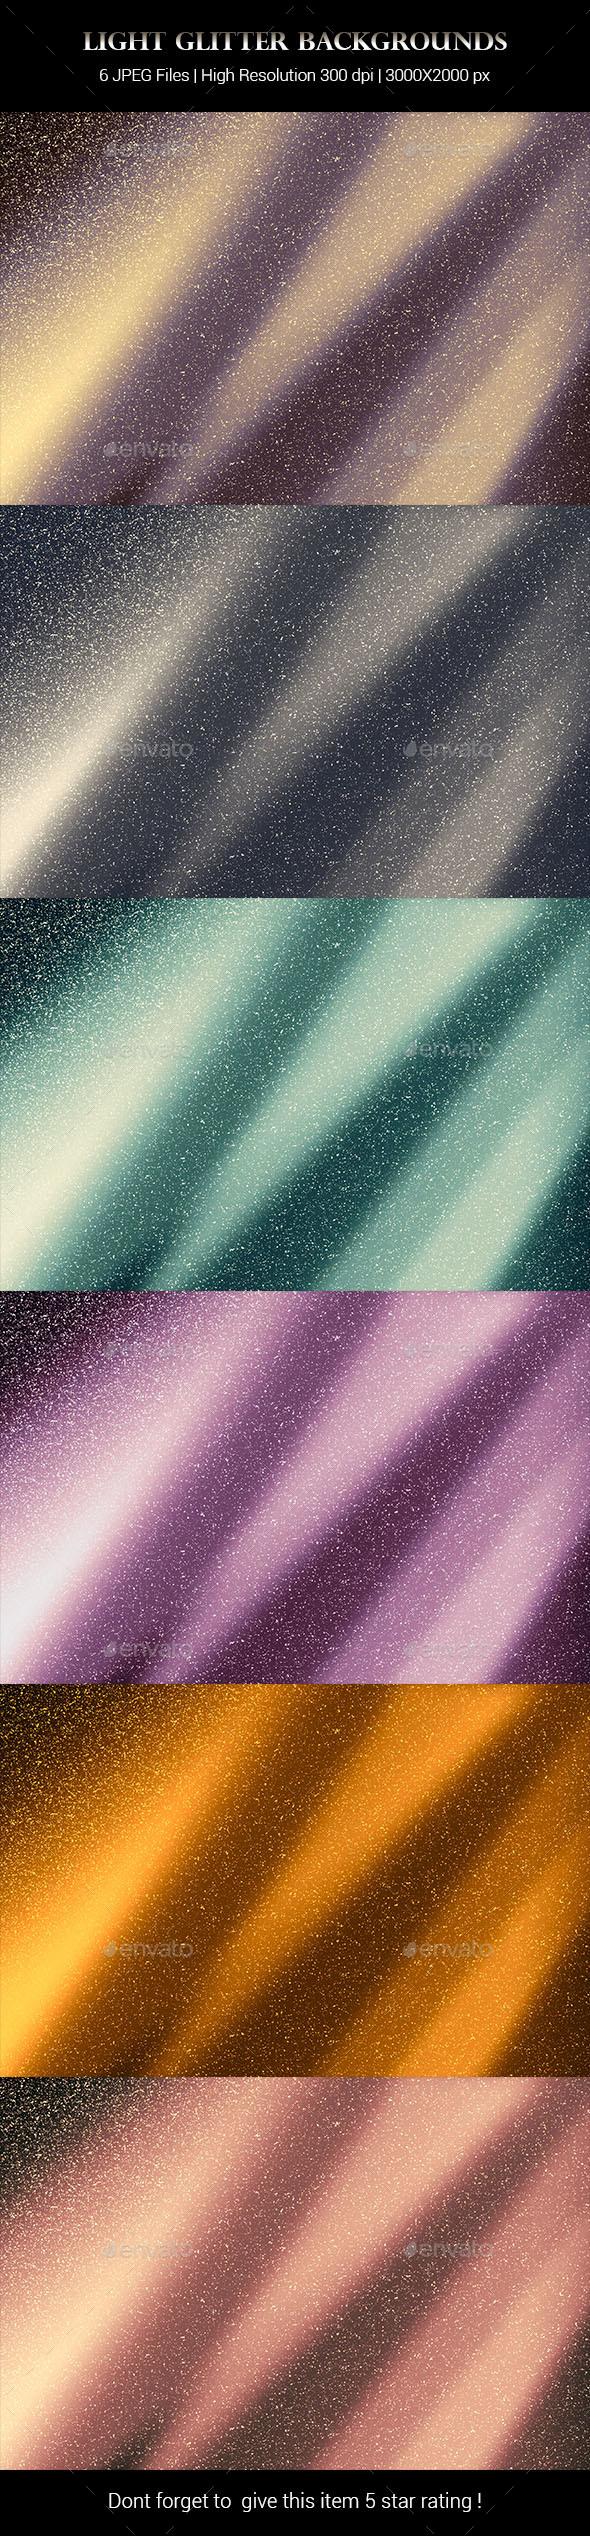 Light Glitter Backgrounds